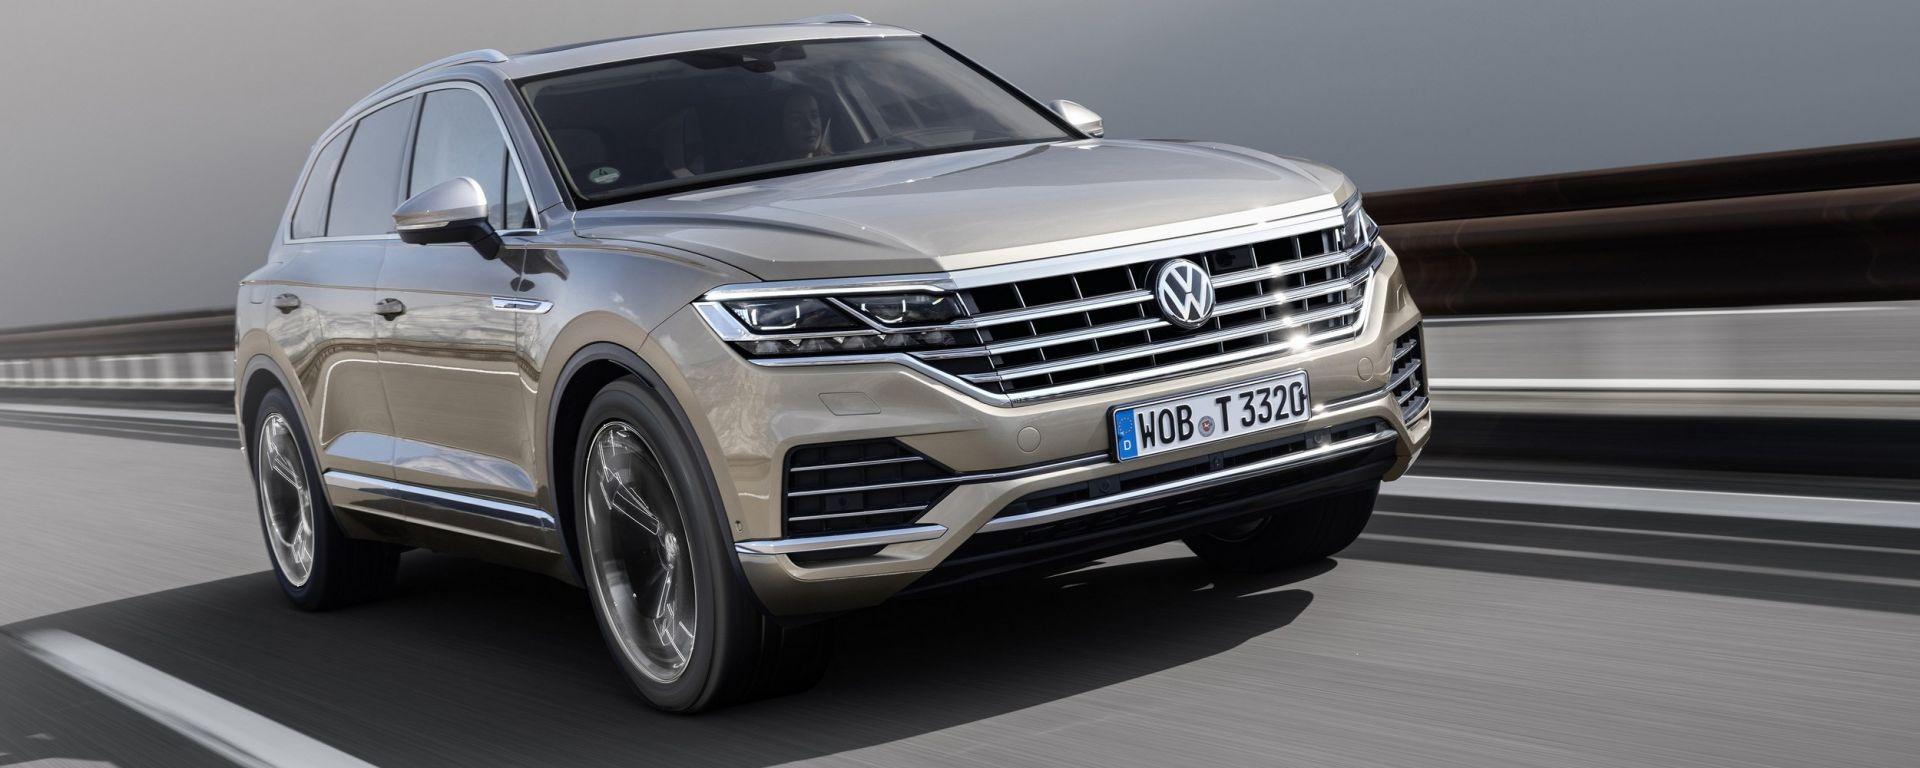 Nuova Volkswagen Touareg 2018: salto di categoria